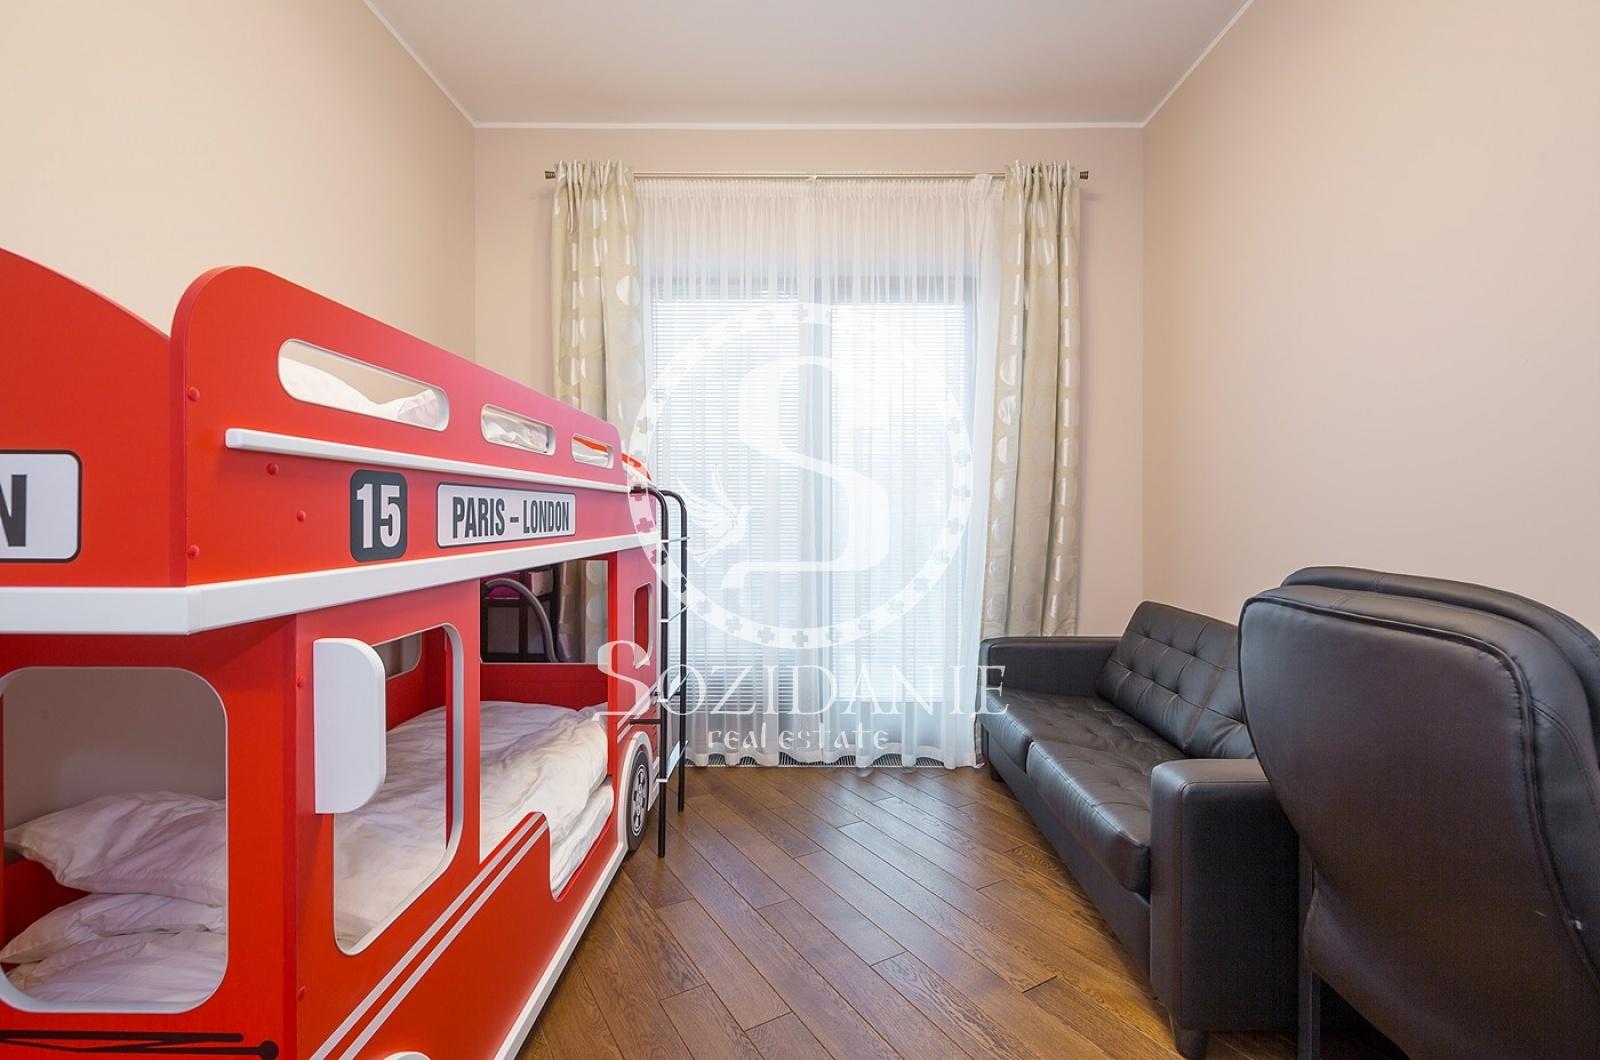 3 Комнаты, Городская, Аренда, Улица Согласия, Listing ID 3676, Москва, Россия,